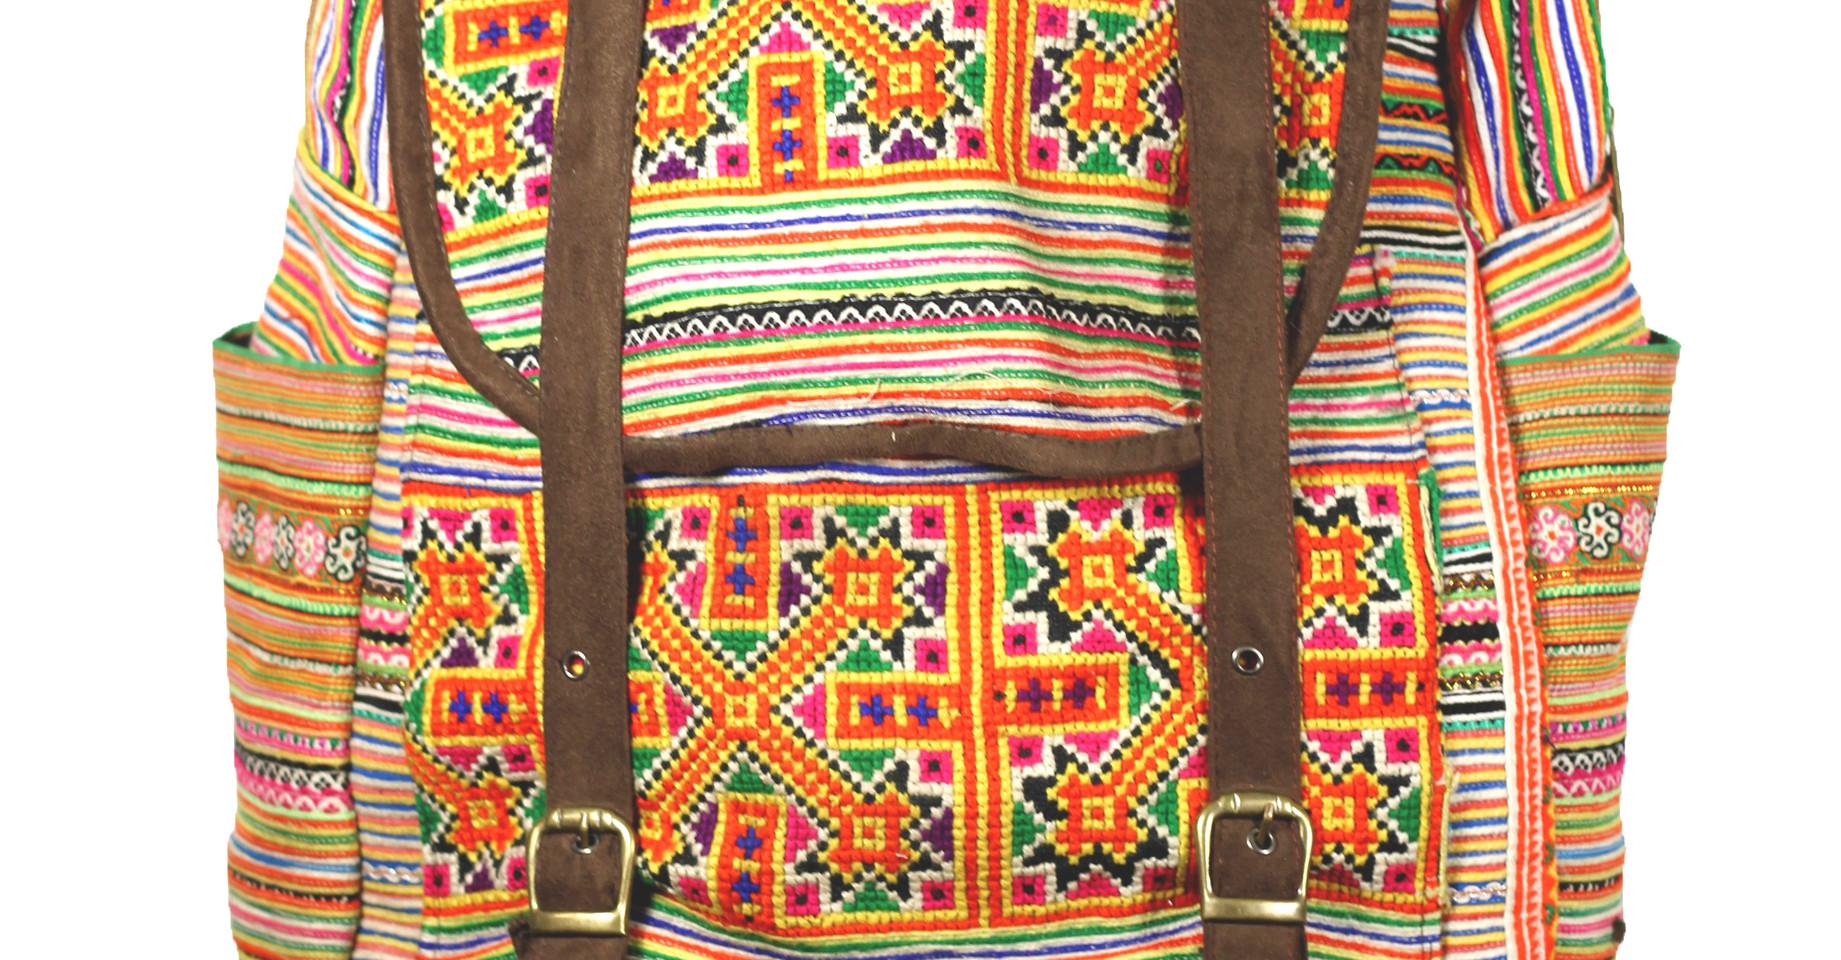 Sac a dos brodé Hmong